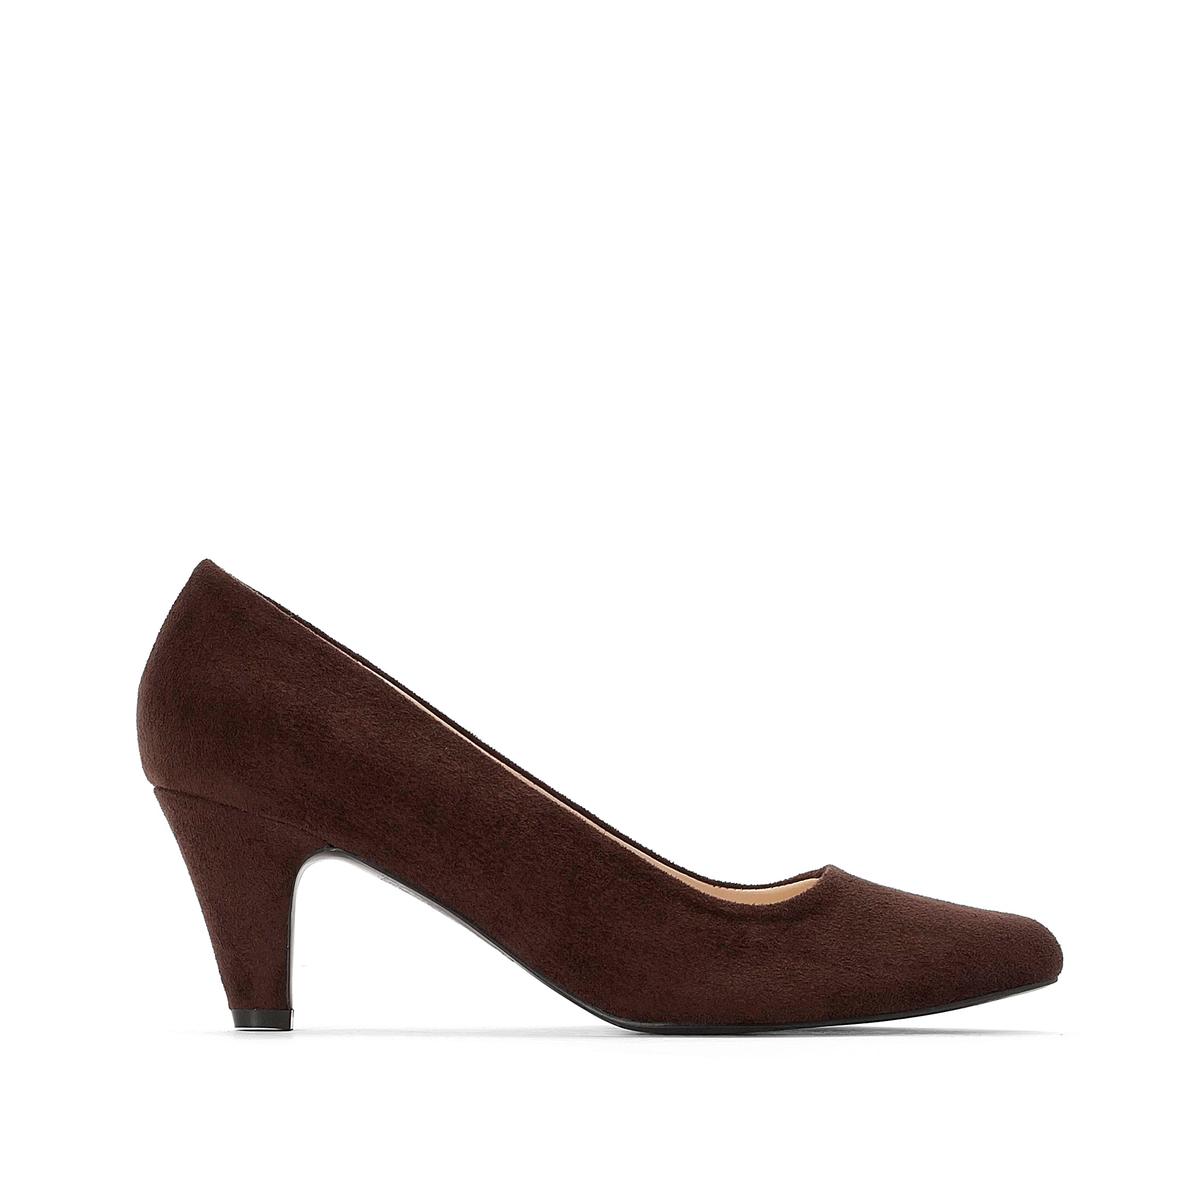 Туфли La Redoute На среднем каблуке 38 каштановый туфли la redoute на среднем каблуке с питоновым принтом 36 каштановый